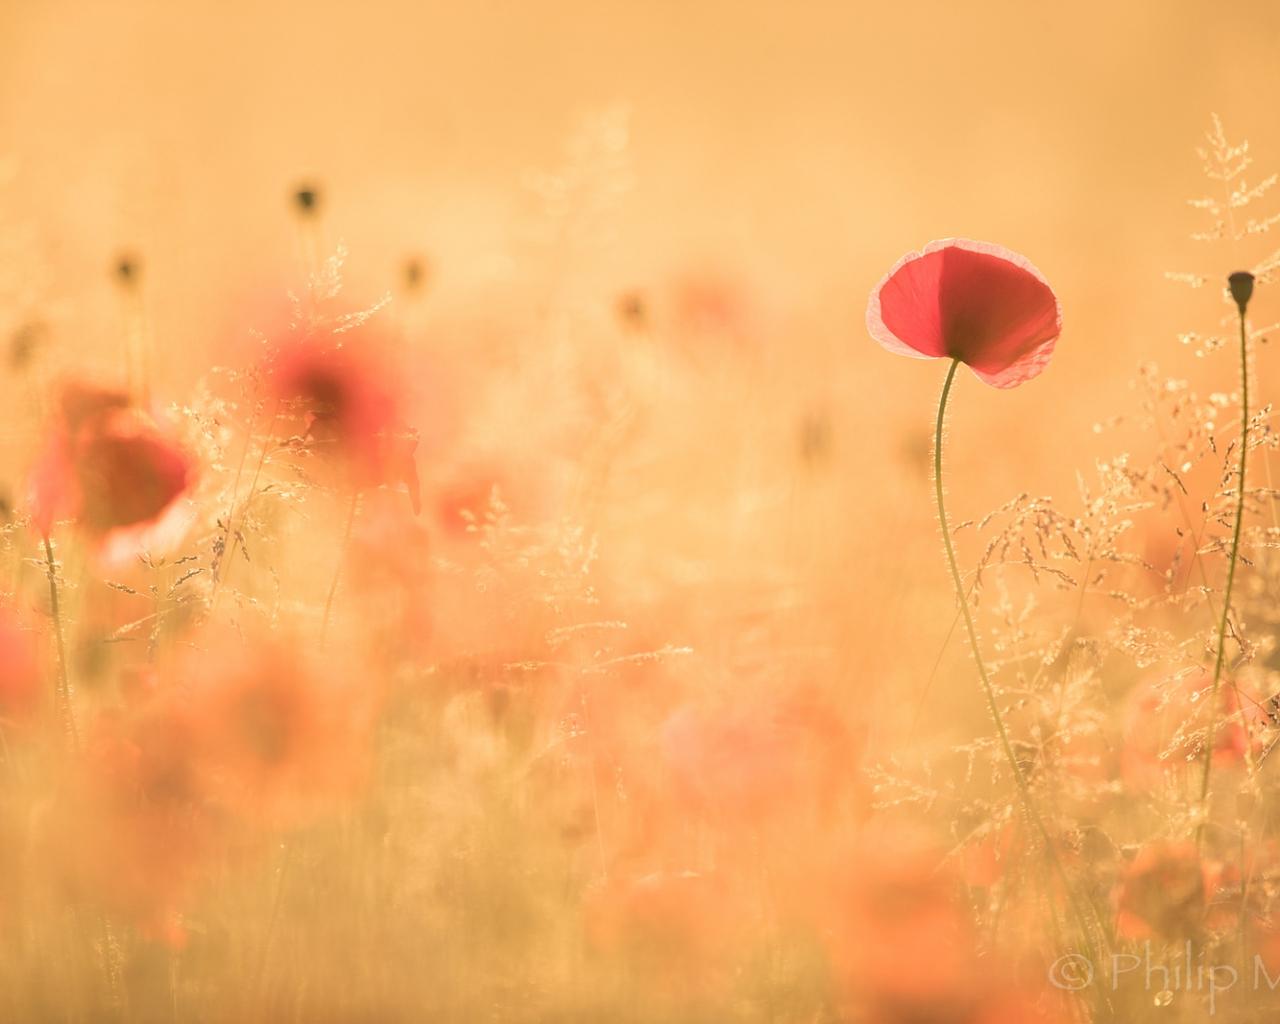 Paisaje con flores - 1280x1024